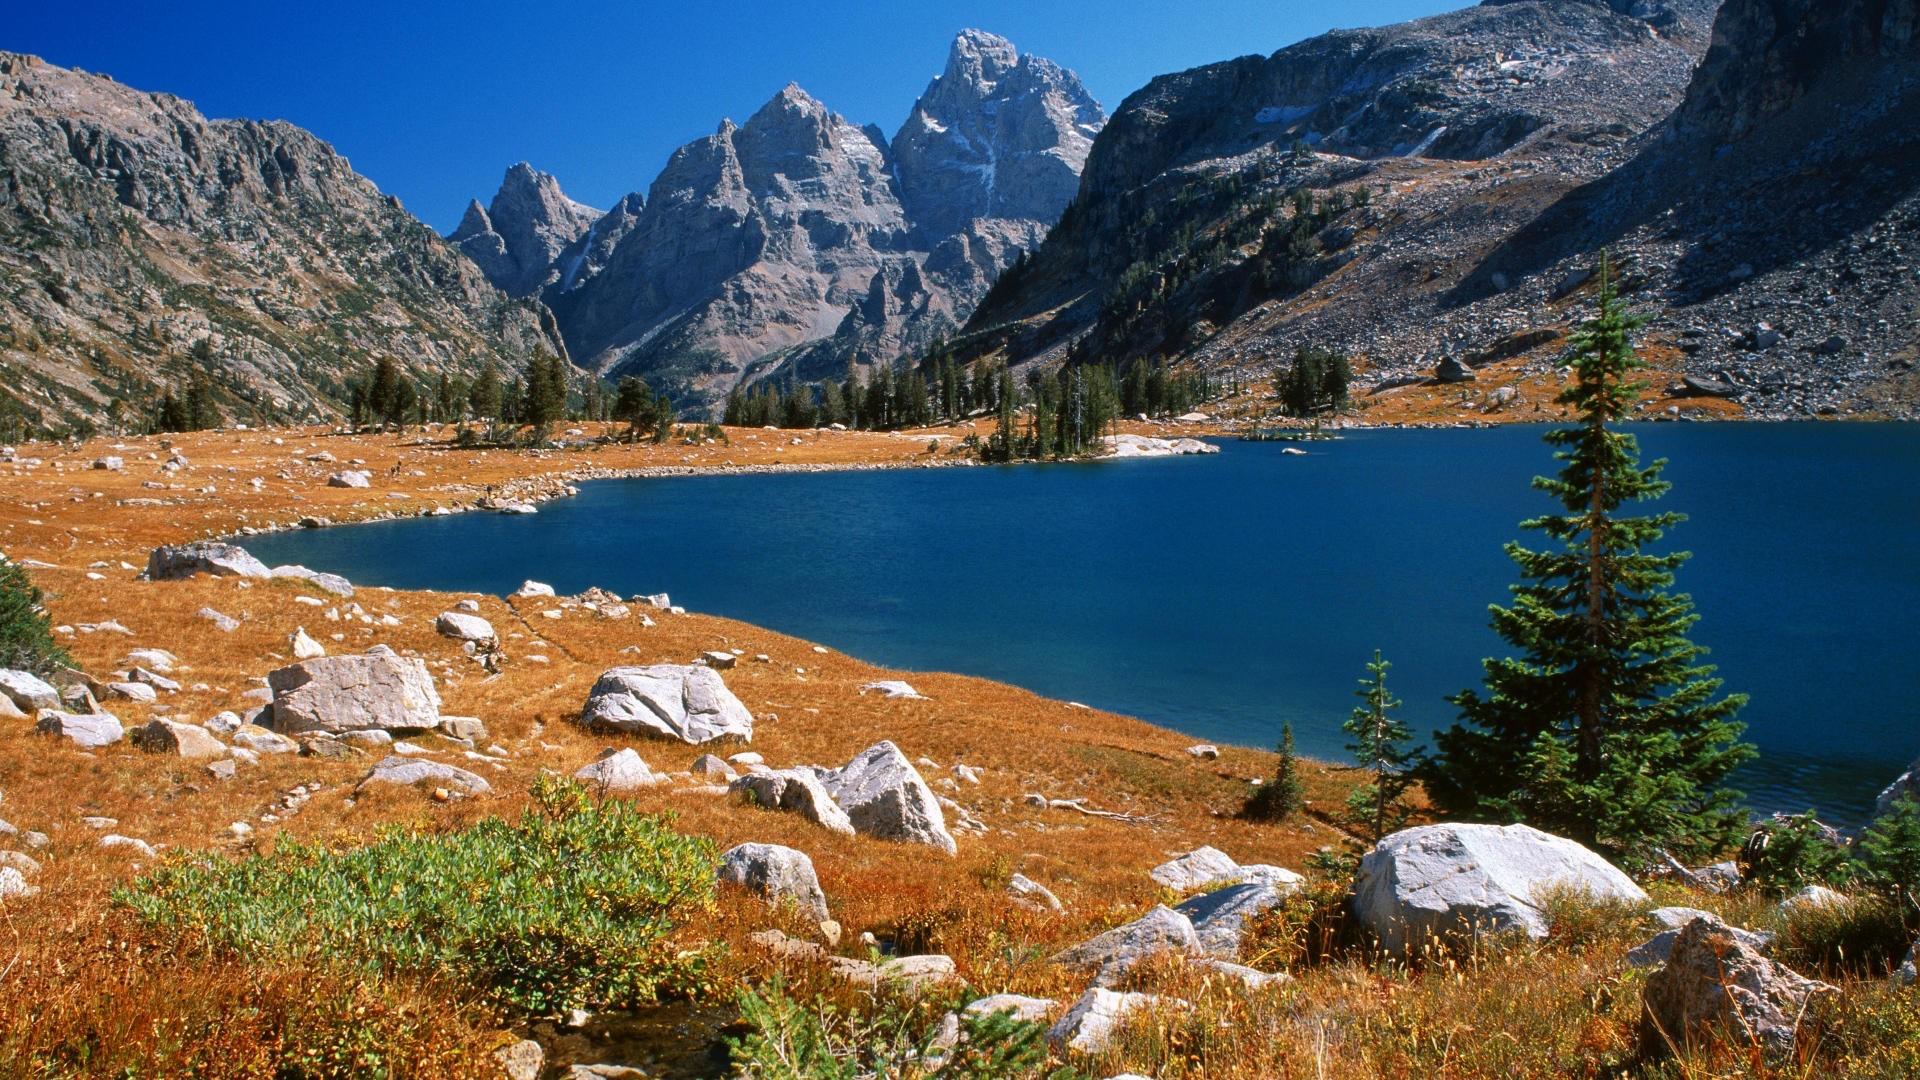 solitude-wyoming-teton-lake-grand-background-photography-nature-landscape-206504.jpg